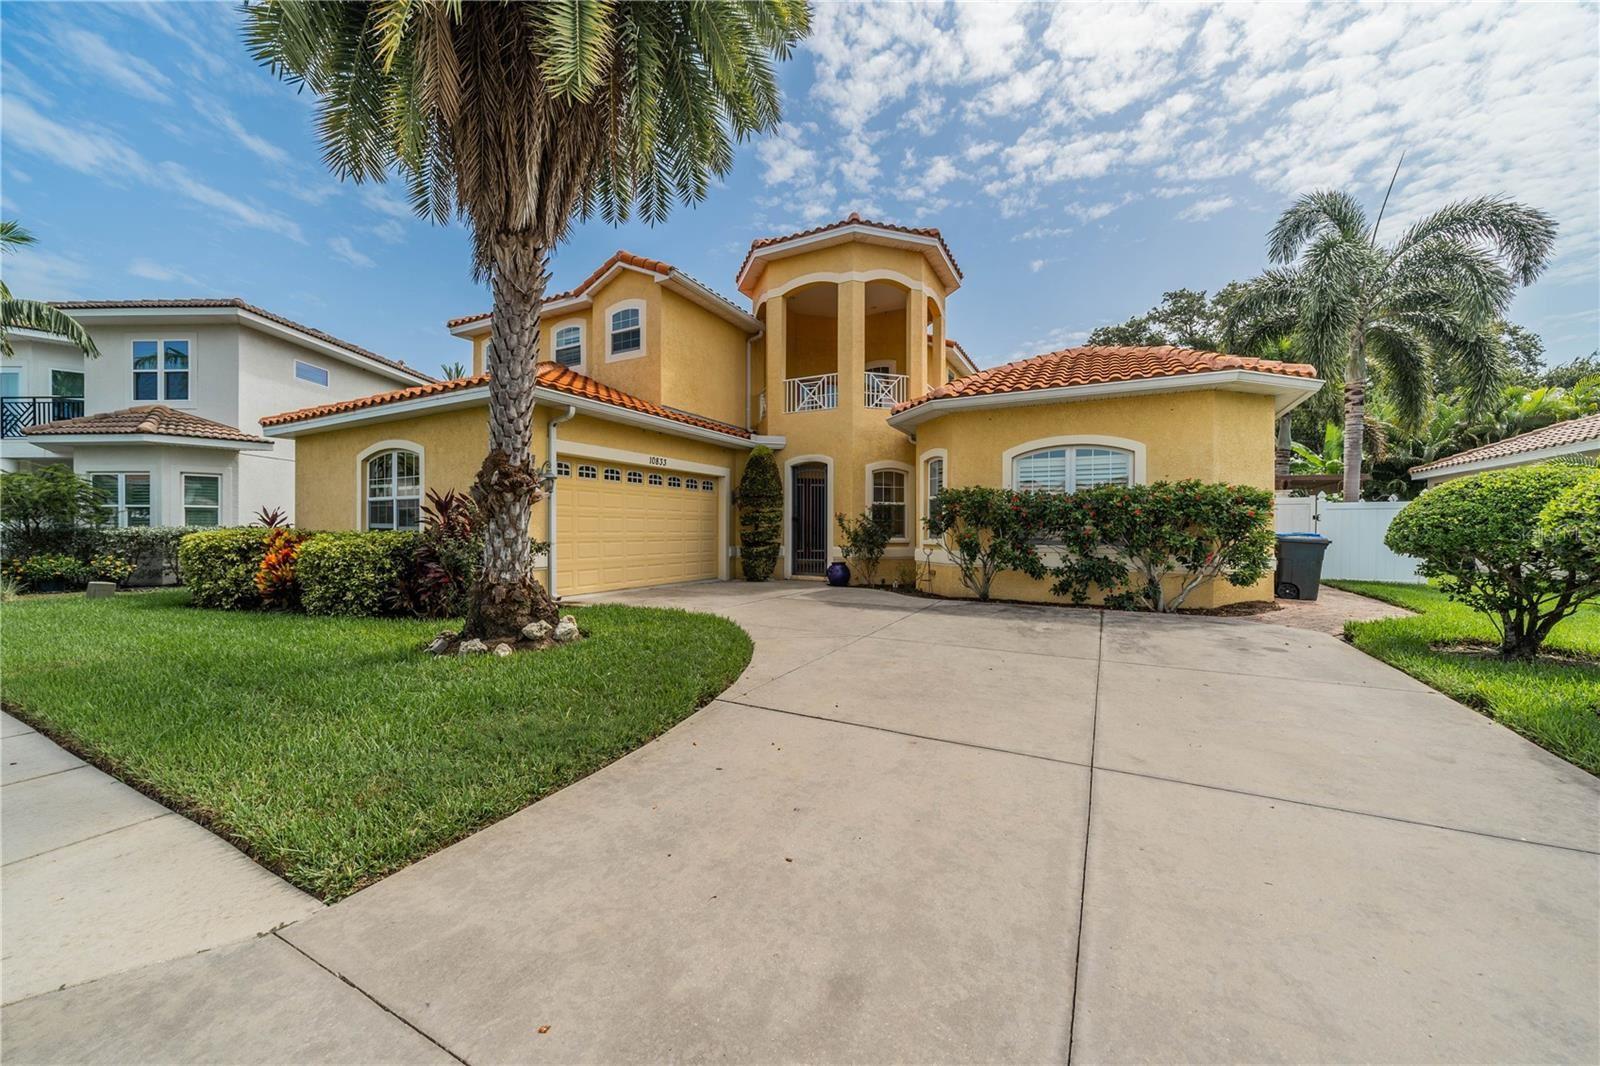 10833 BOCA CLUB COURT, Seminole, FL 33772 - #: U8134885